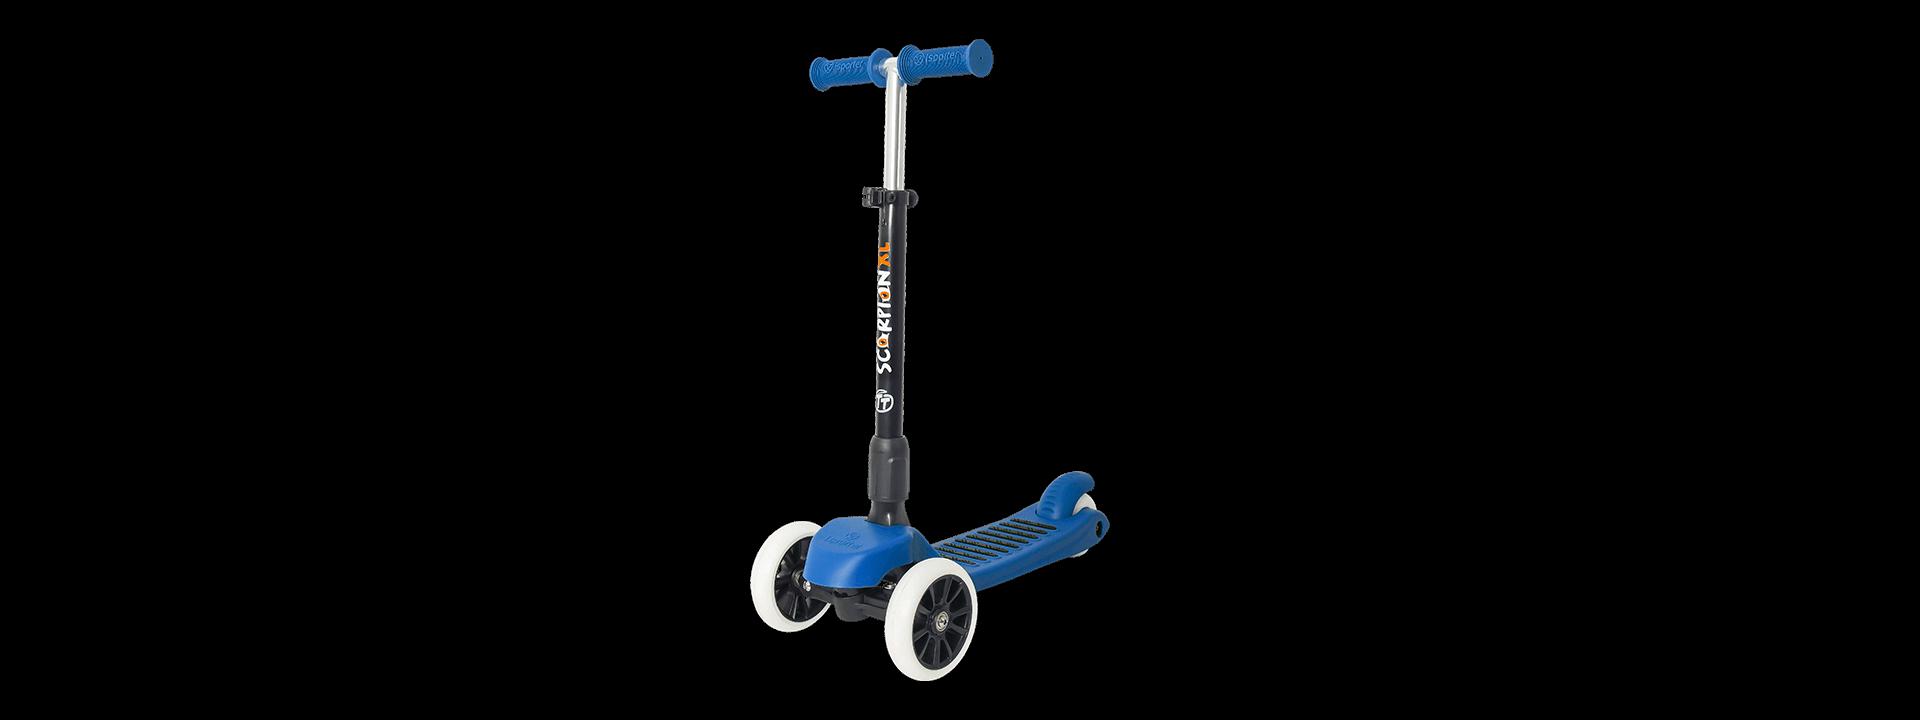 Детский трехколесный самокат-кикборд TechTeam Scorpion XL 2018 синий